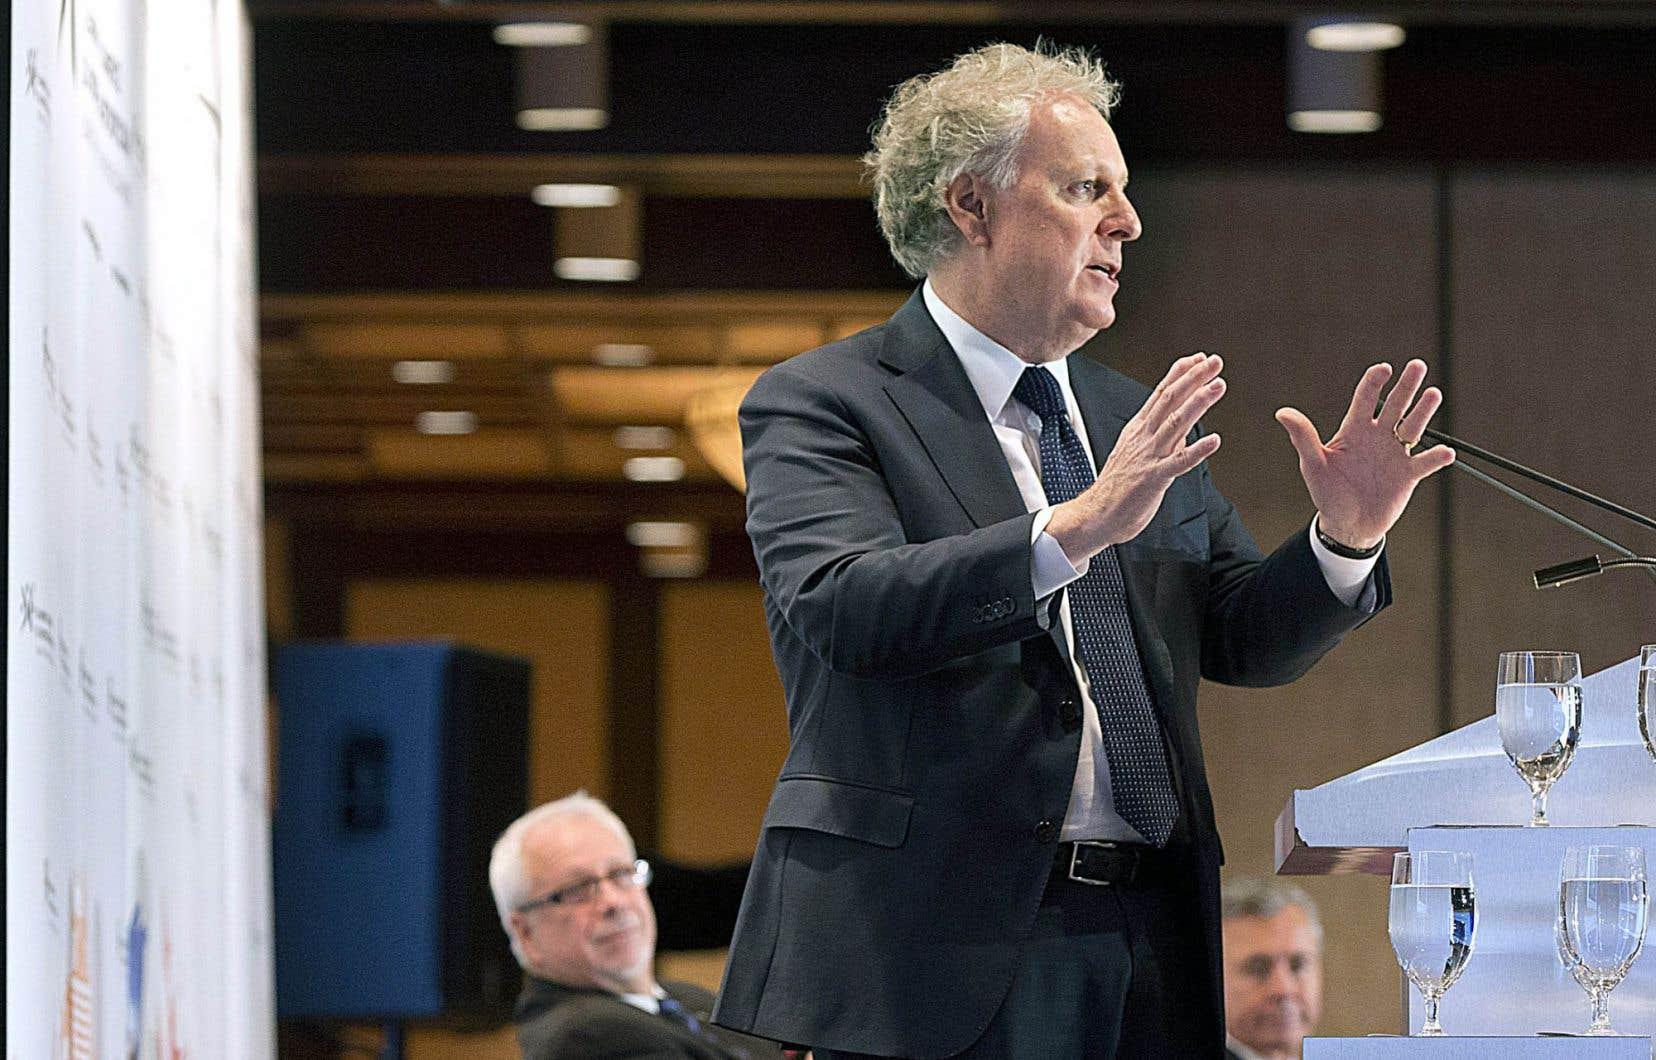 Jean Charest, accompagné sur scène par Pierre Marc Johnson (à gauche), prend la parole lors d'une présentation de l'AECG en octobre 2015.